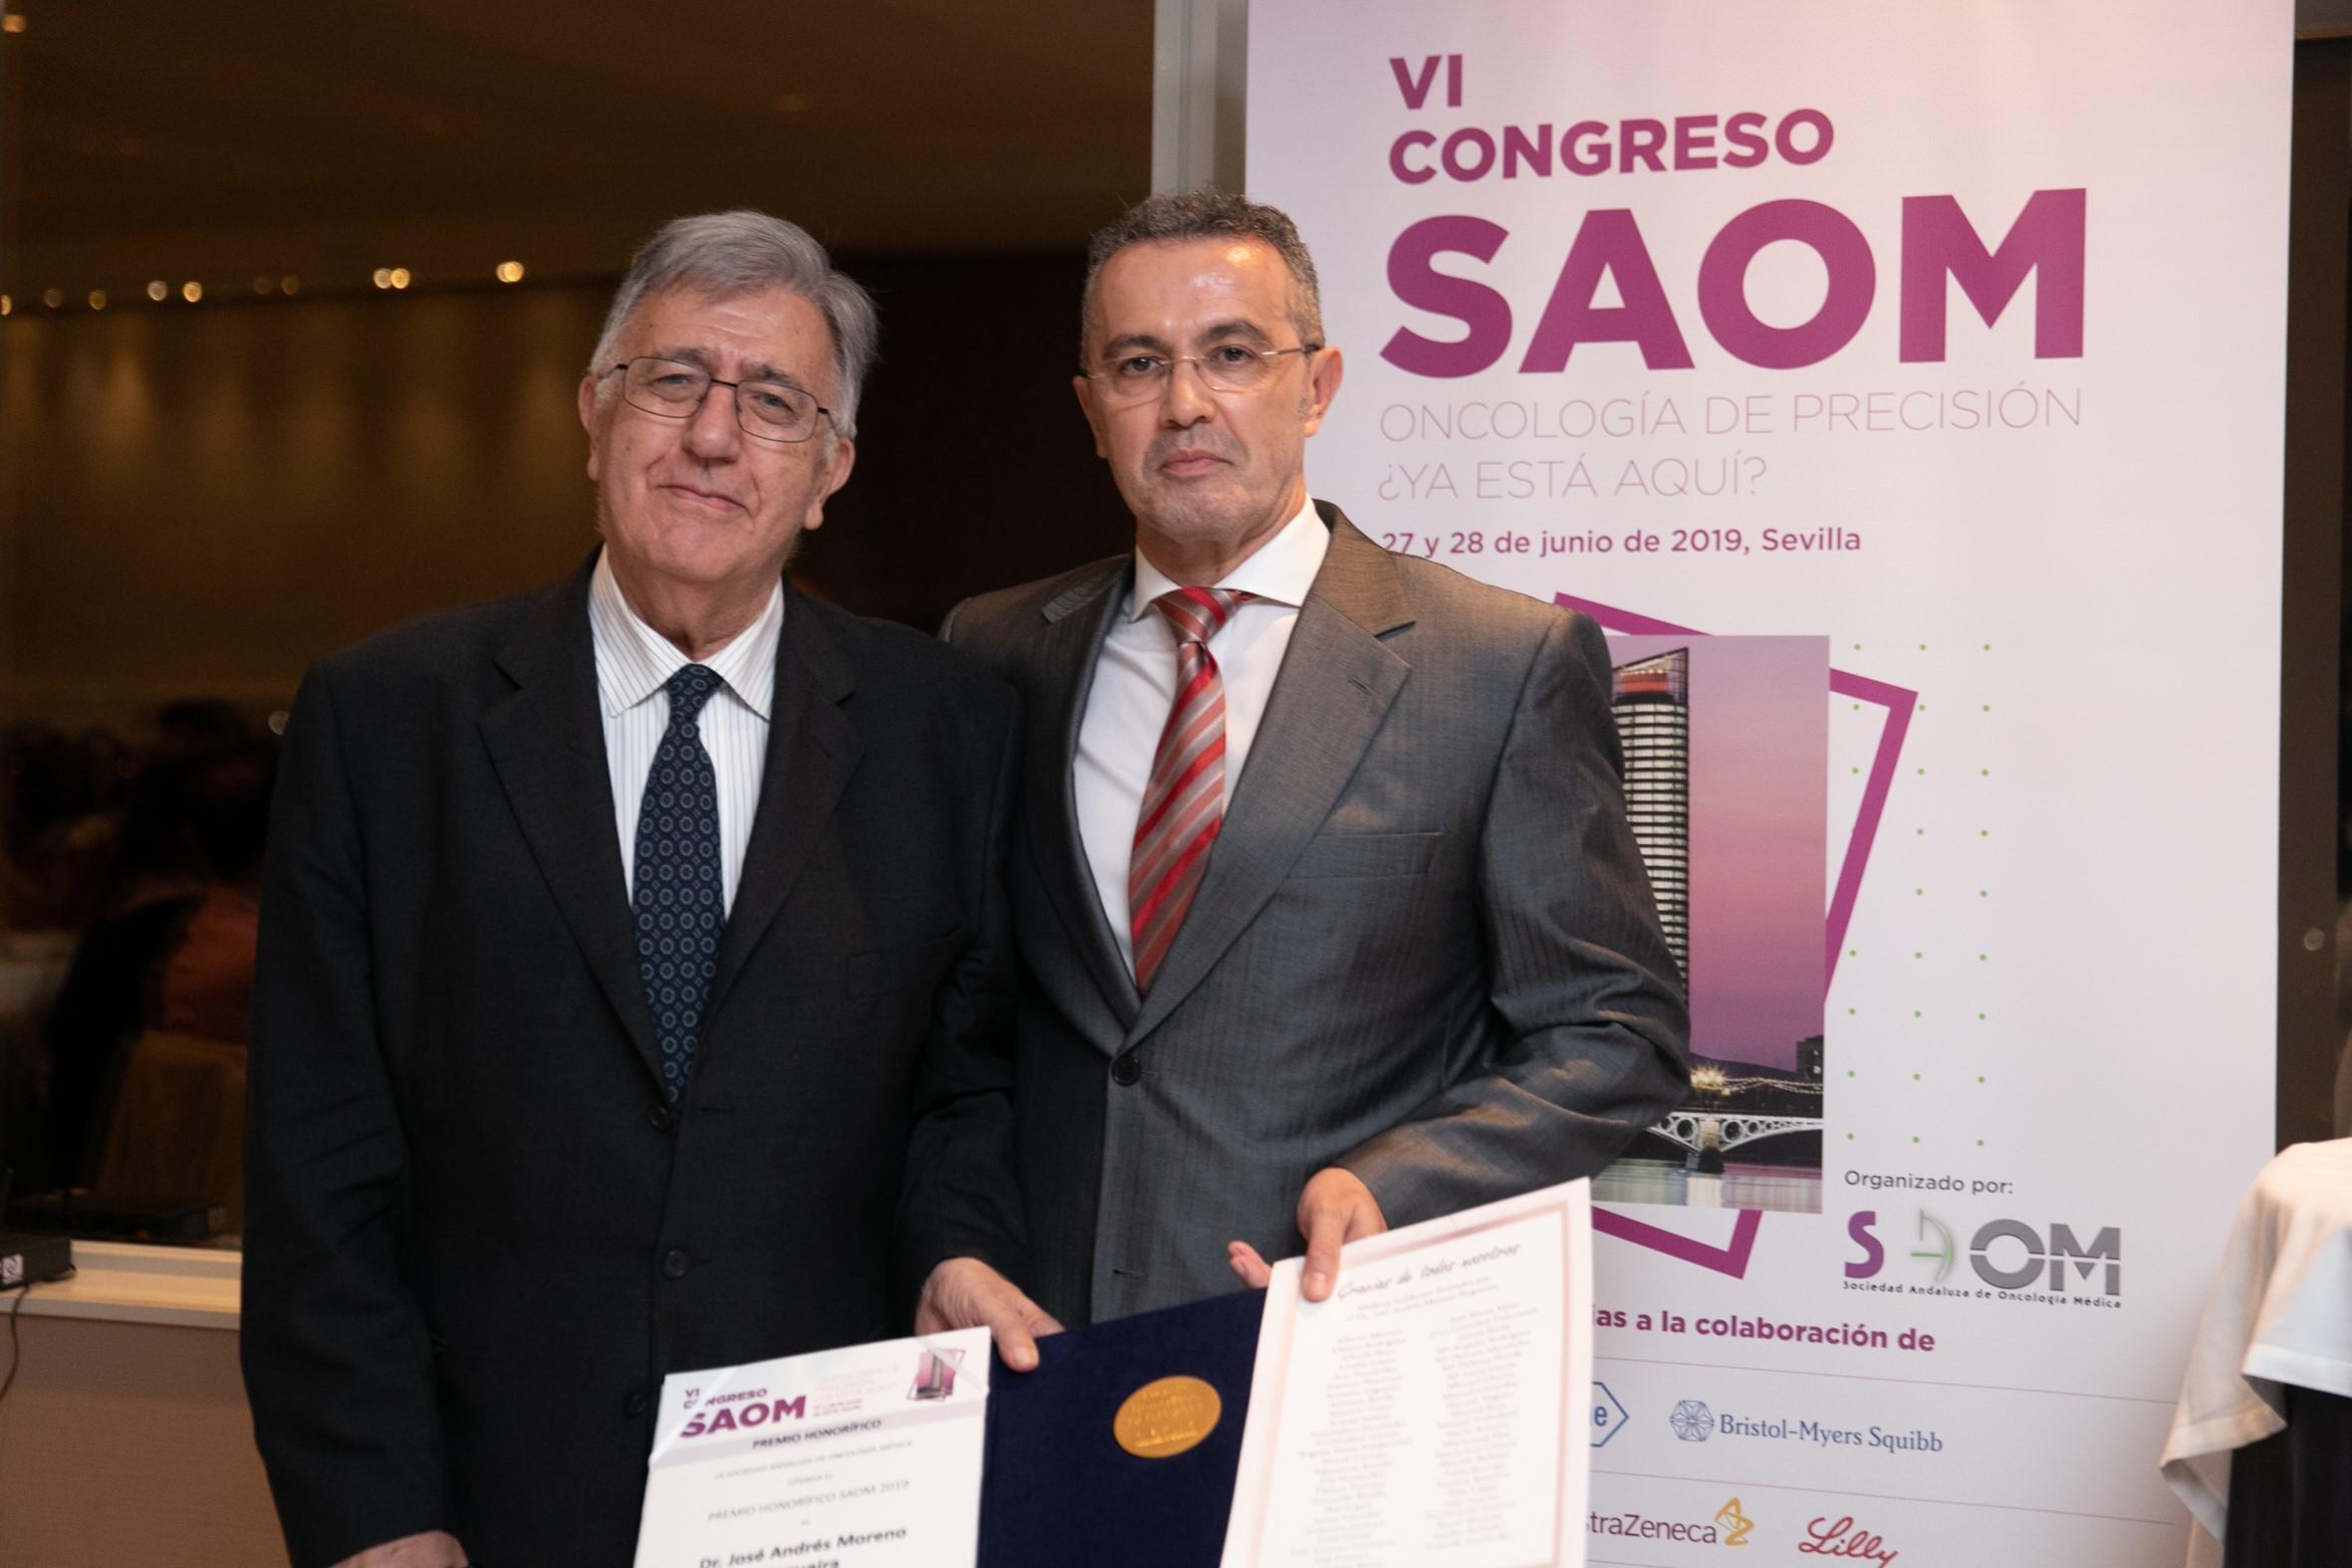 La Sociedad Andaluza de Oncología Médica entrega su premio honorífico al doctor José Andrés Moreno Nogueira, referente en el tratamiento del cáncer en España